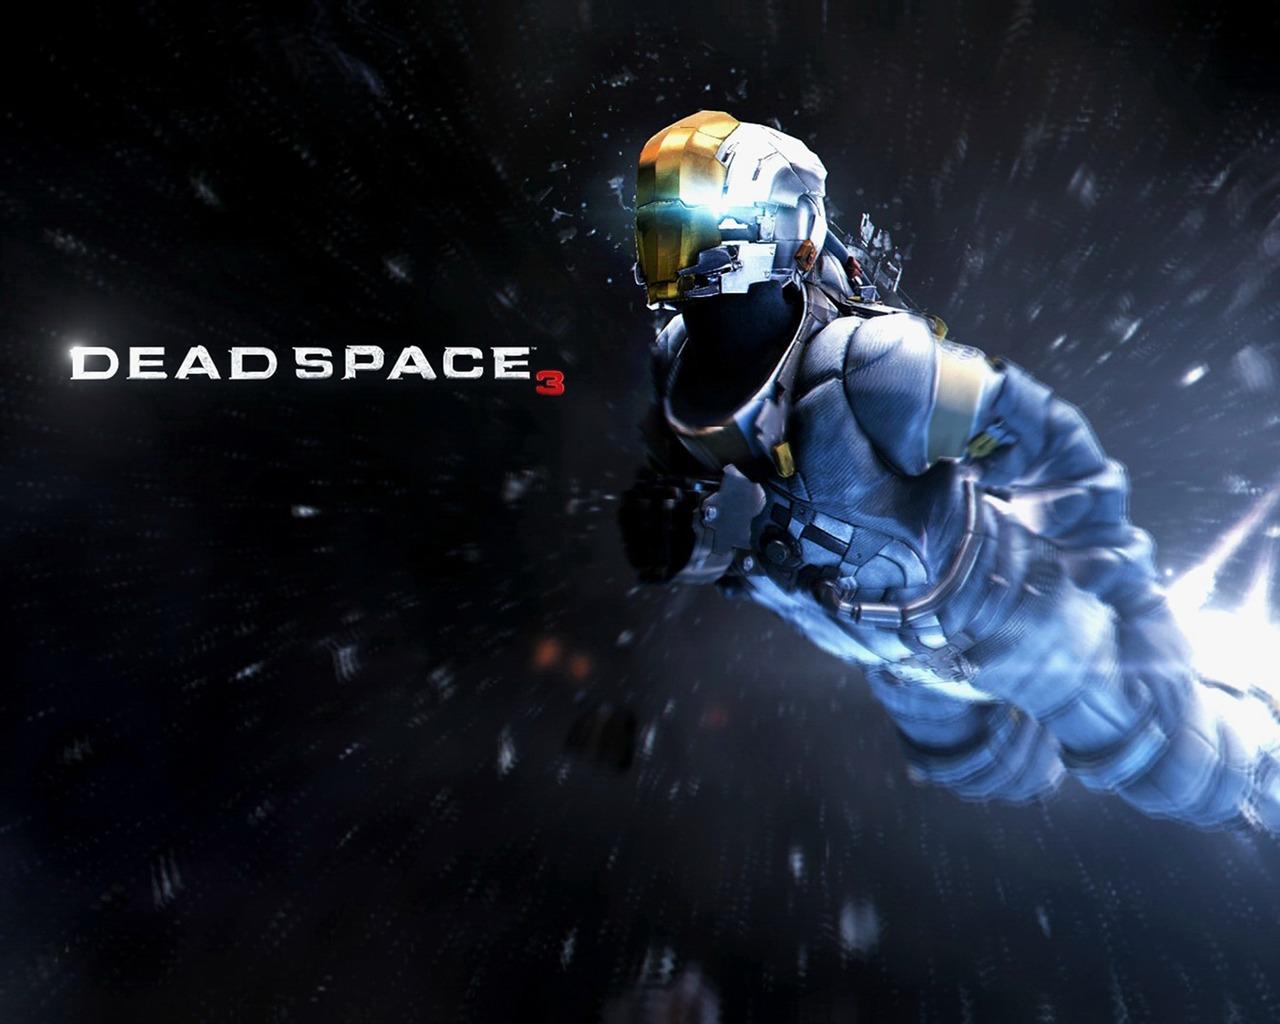 描述: dead space 3-2013游戏高清壁纸 当前壁纸尺寸: 1280 x 1024图片